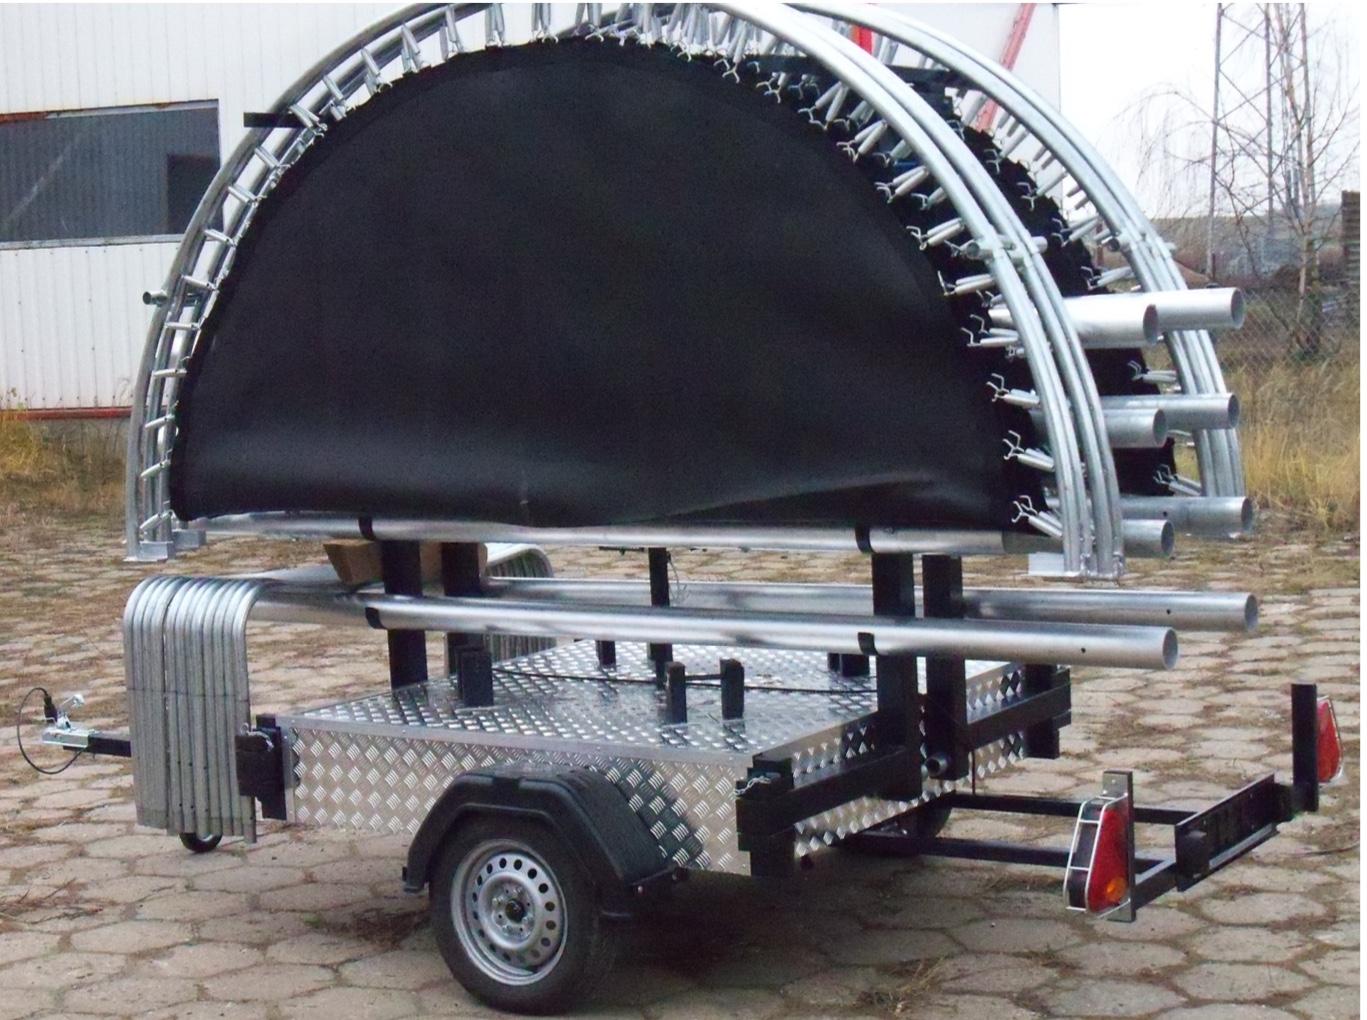 Mobile trampoline